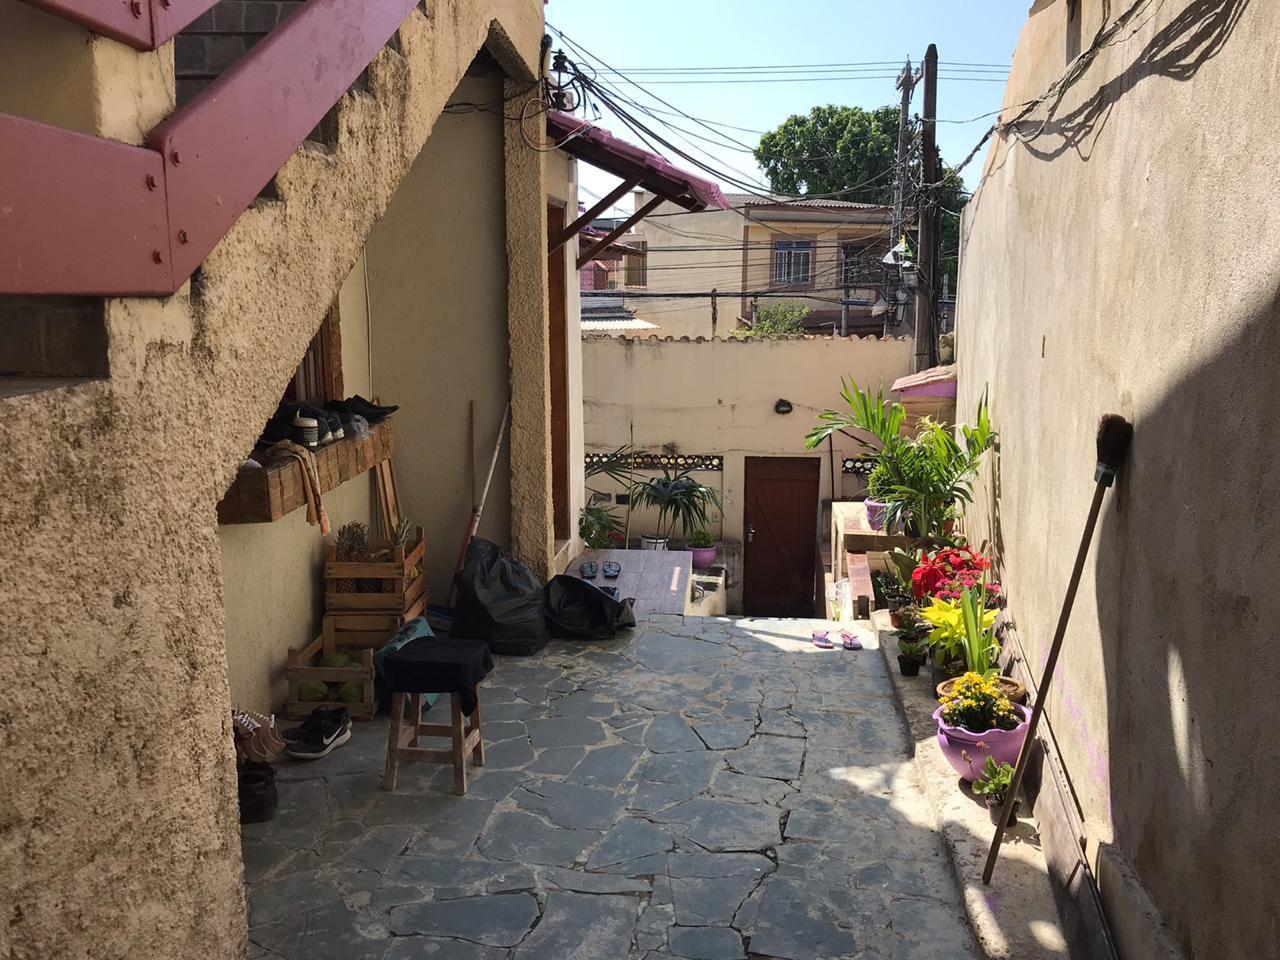 FOTO 20 - Casa à venda Rua Quiririm,Vila Valqueire, Rio de Janeiro - R$ 320.000 - RF274 - 21